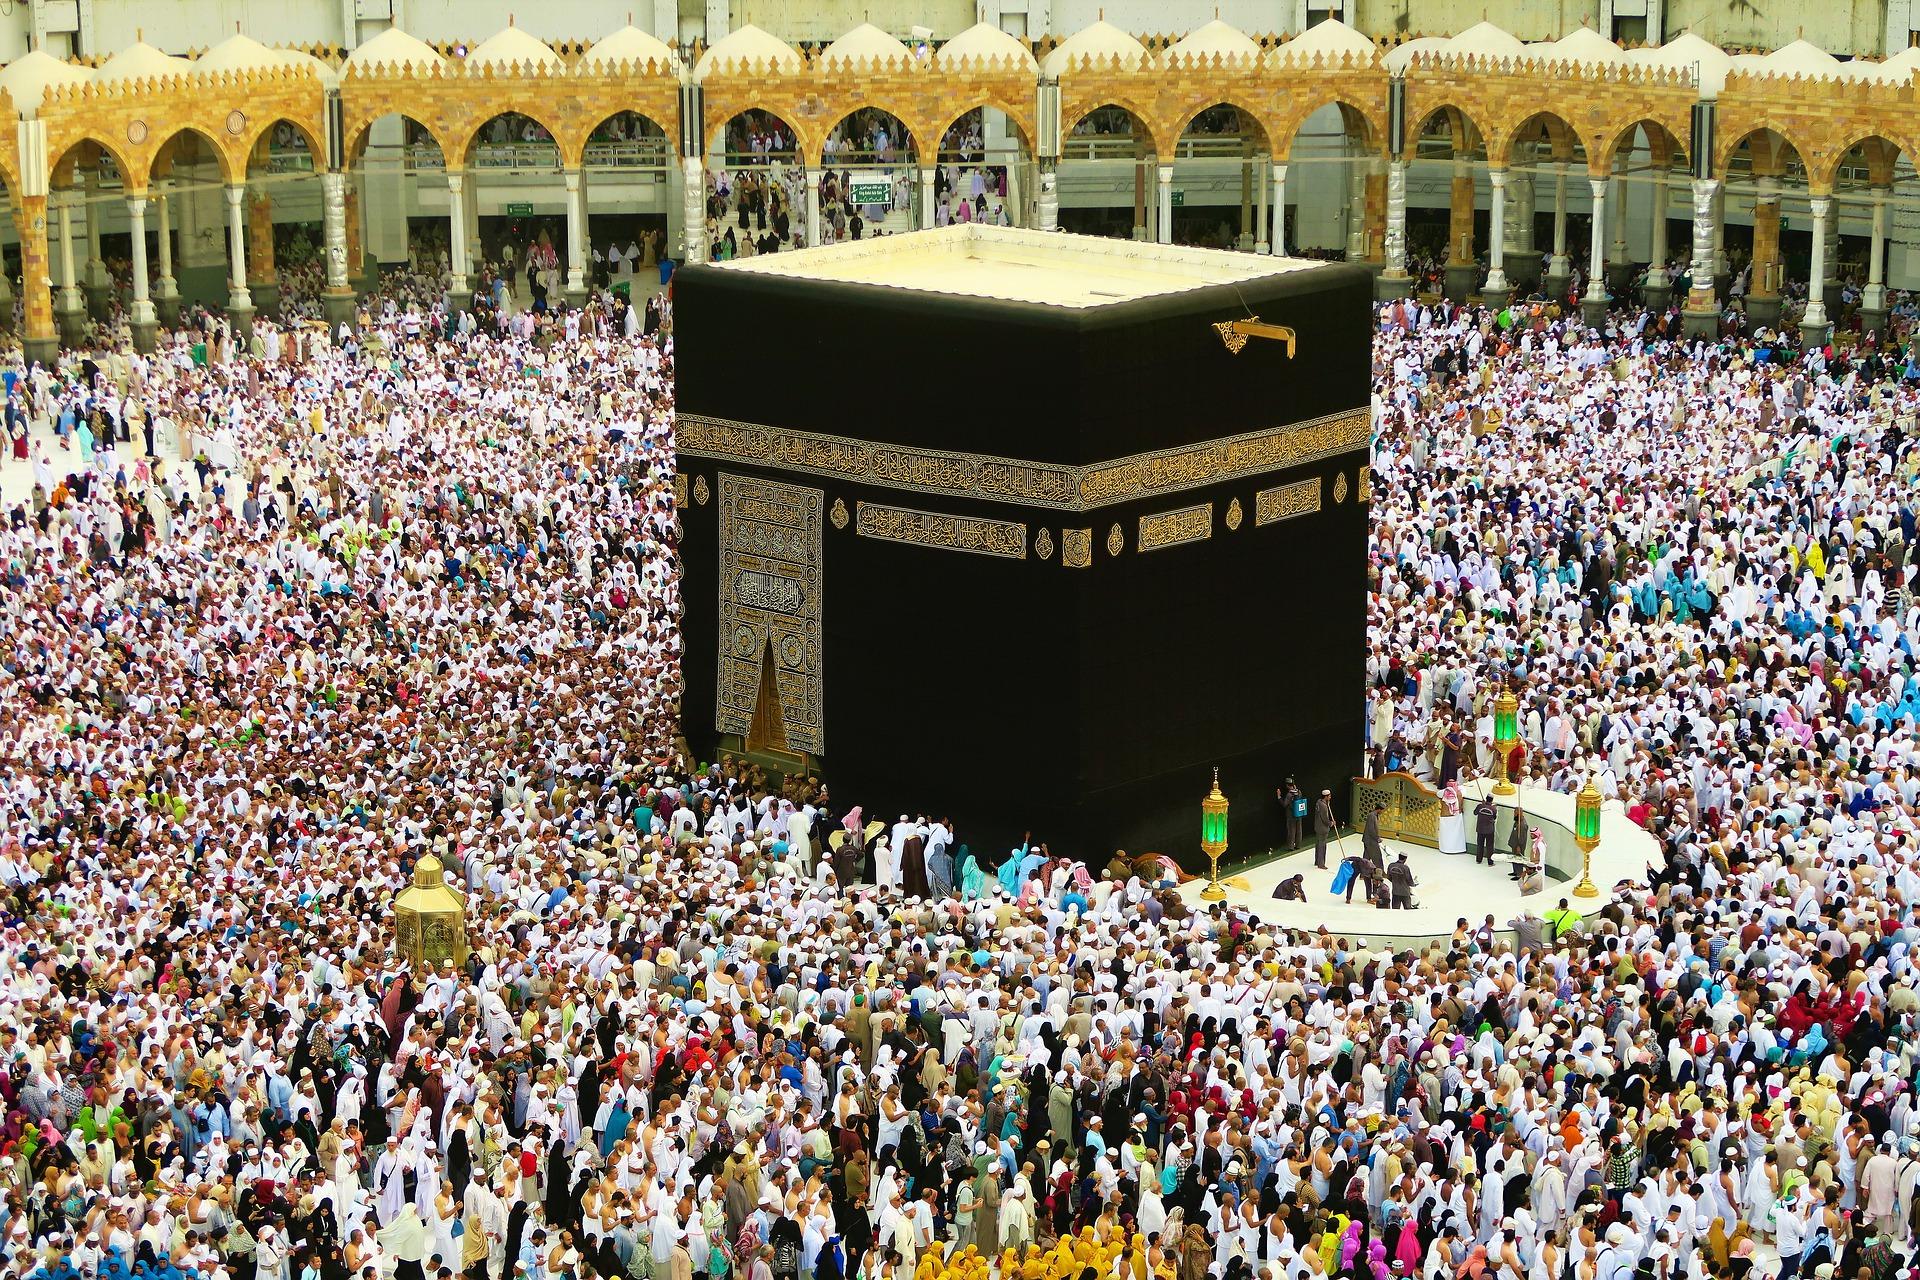 イスラム教とは